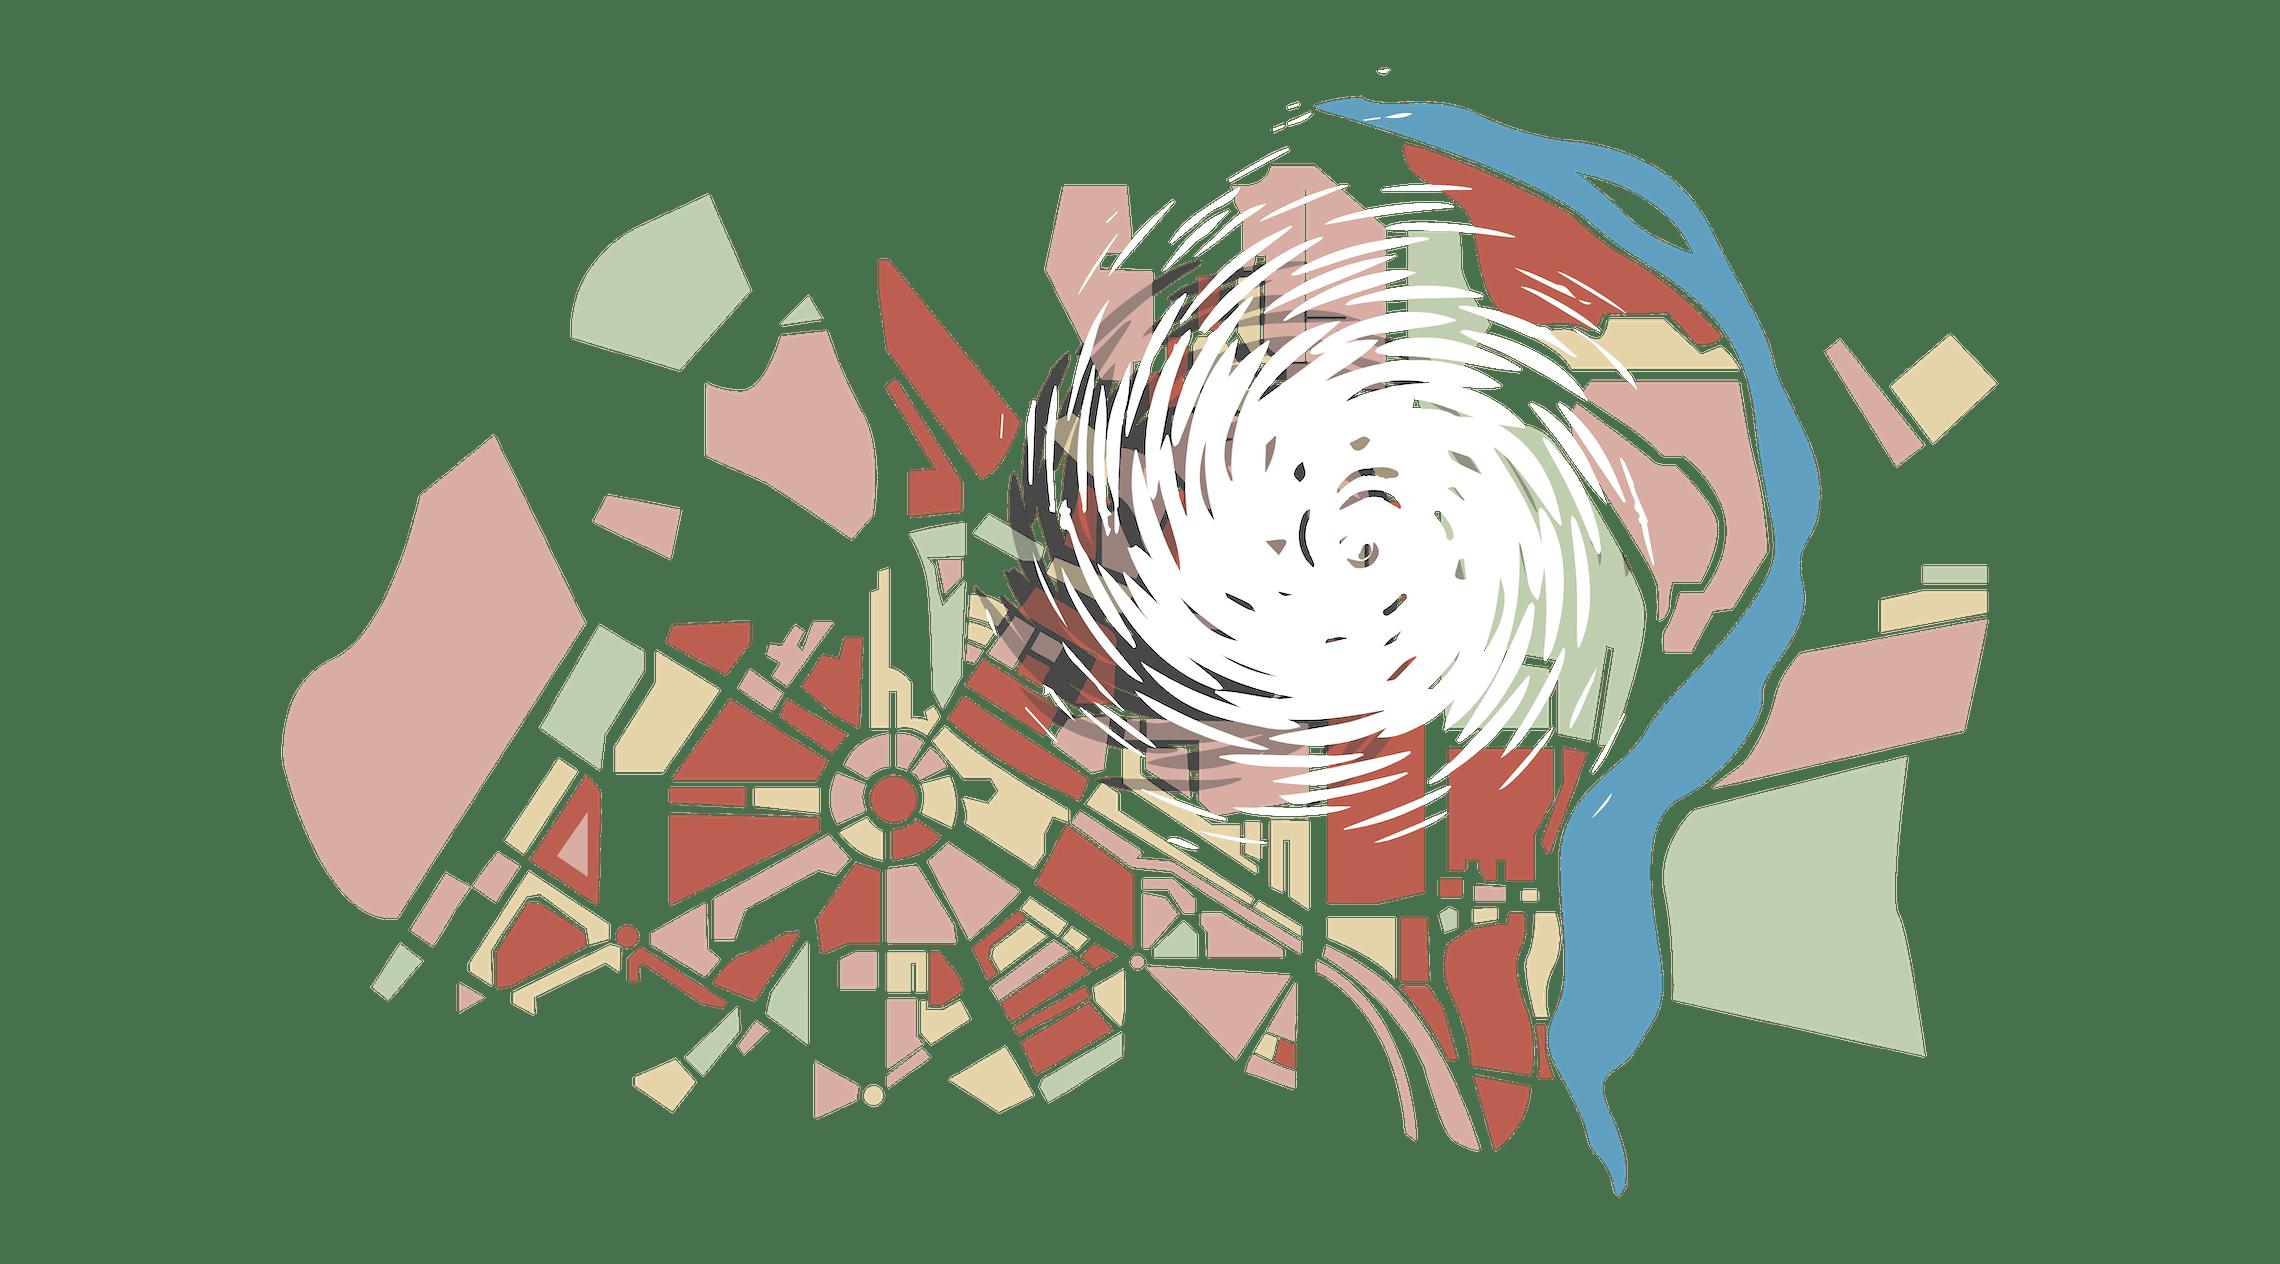 Tornado by Annika Taneja; Illustration by Akshaya Zachariah on FiftyTwo.in